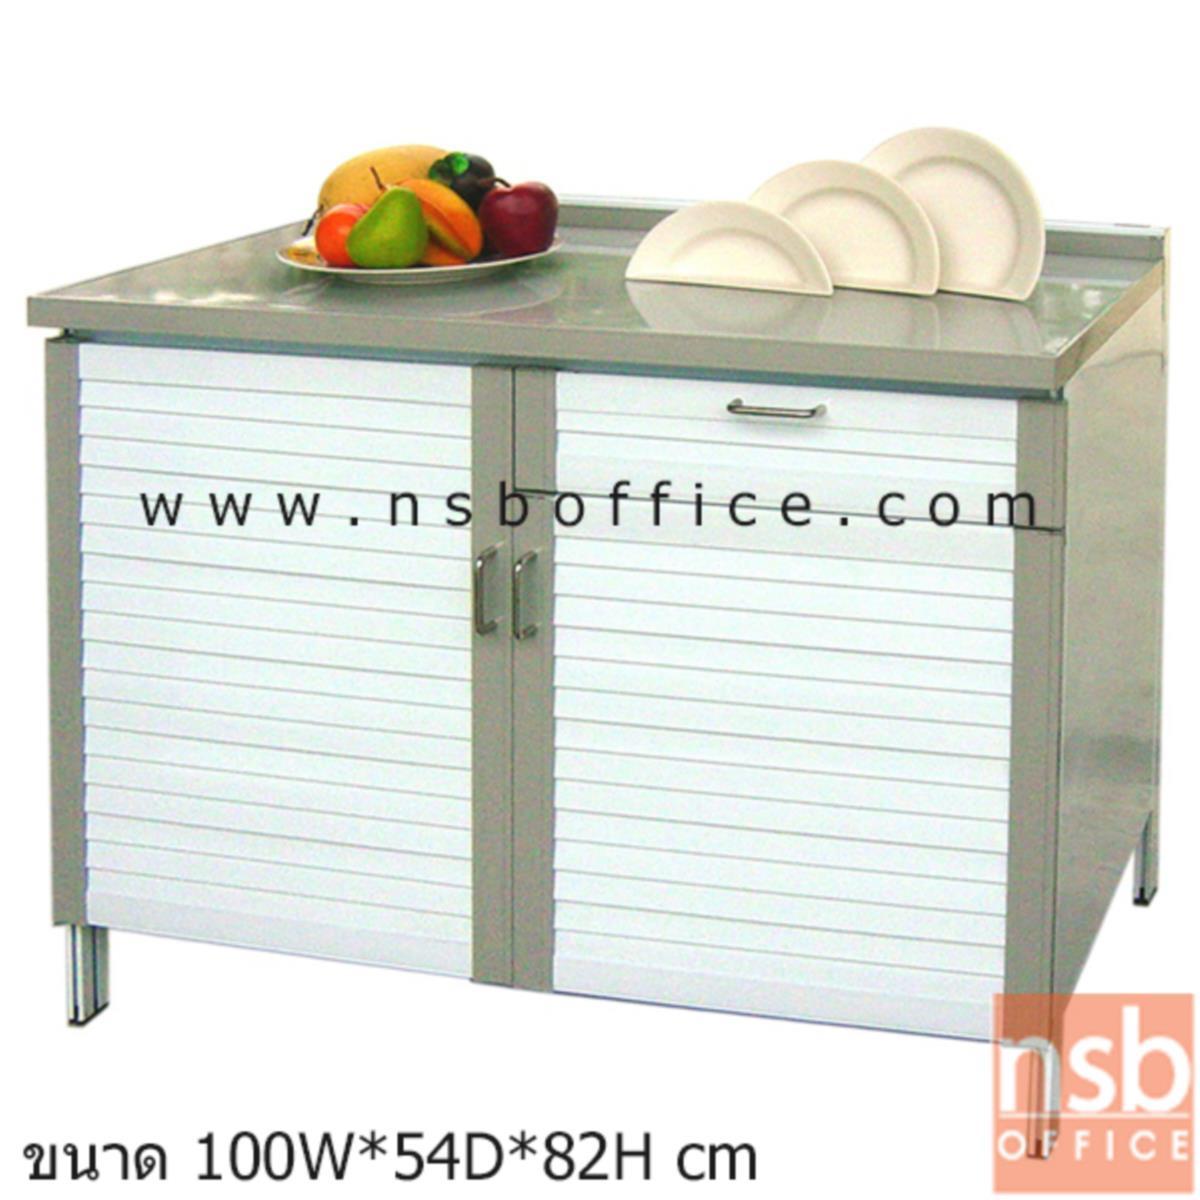 ตู้ครัวหน้าเรียบ 1 ลิ้นชัก บานเปิดเก็บของ  100W, 148W cm